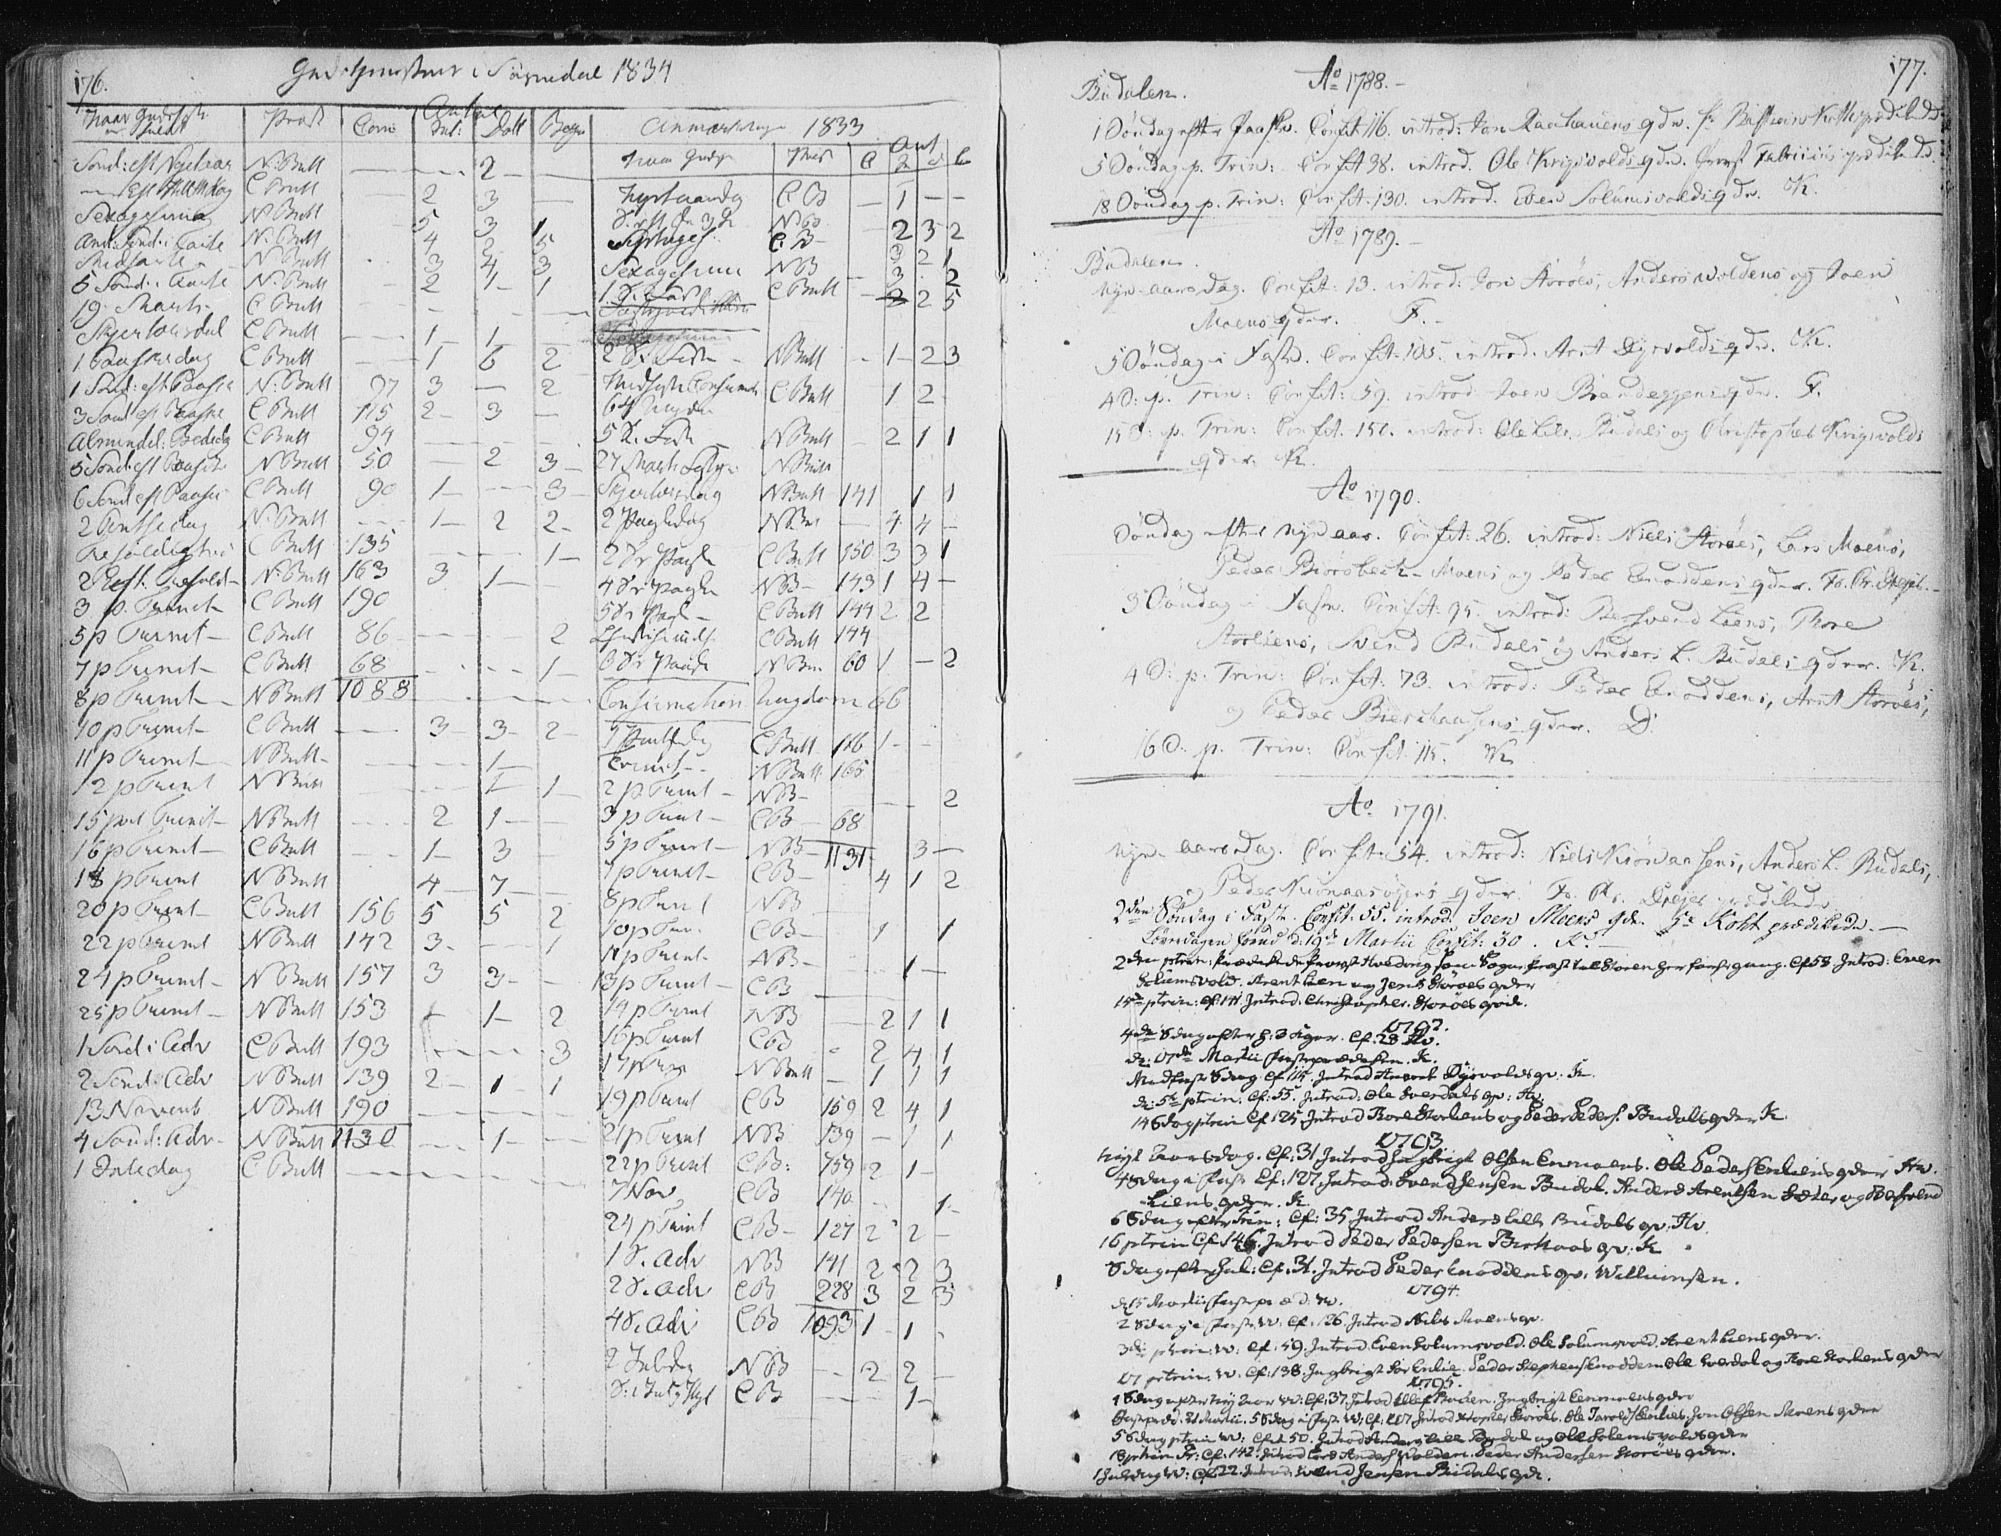 SAT, Ministerialprotokoller, klokkerbøker og fødselsregistre - Sør-Trøndelag, 687/L0995: Ministerialbok nr. 687A03 /4, 1788-1815, s. 176-177